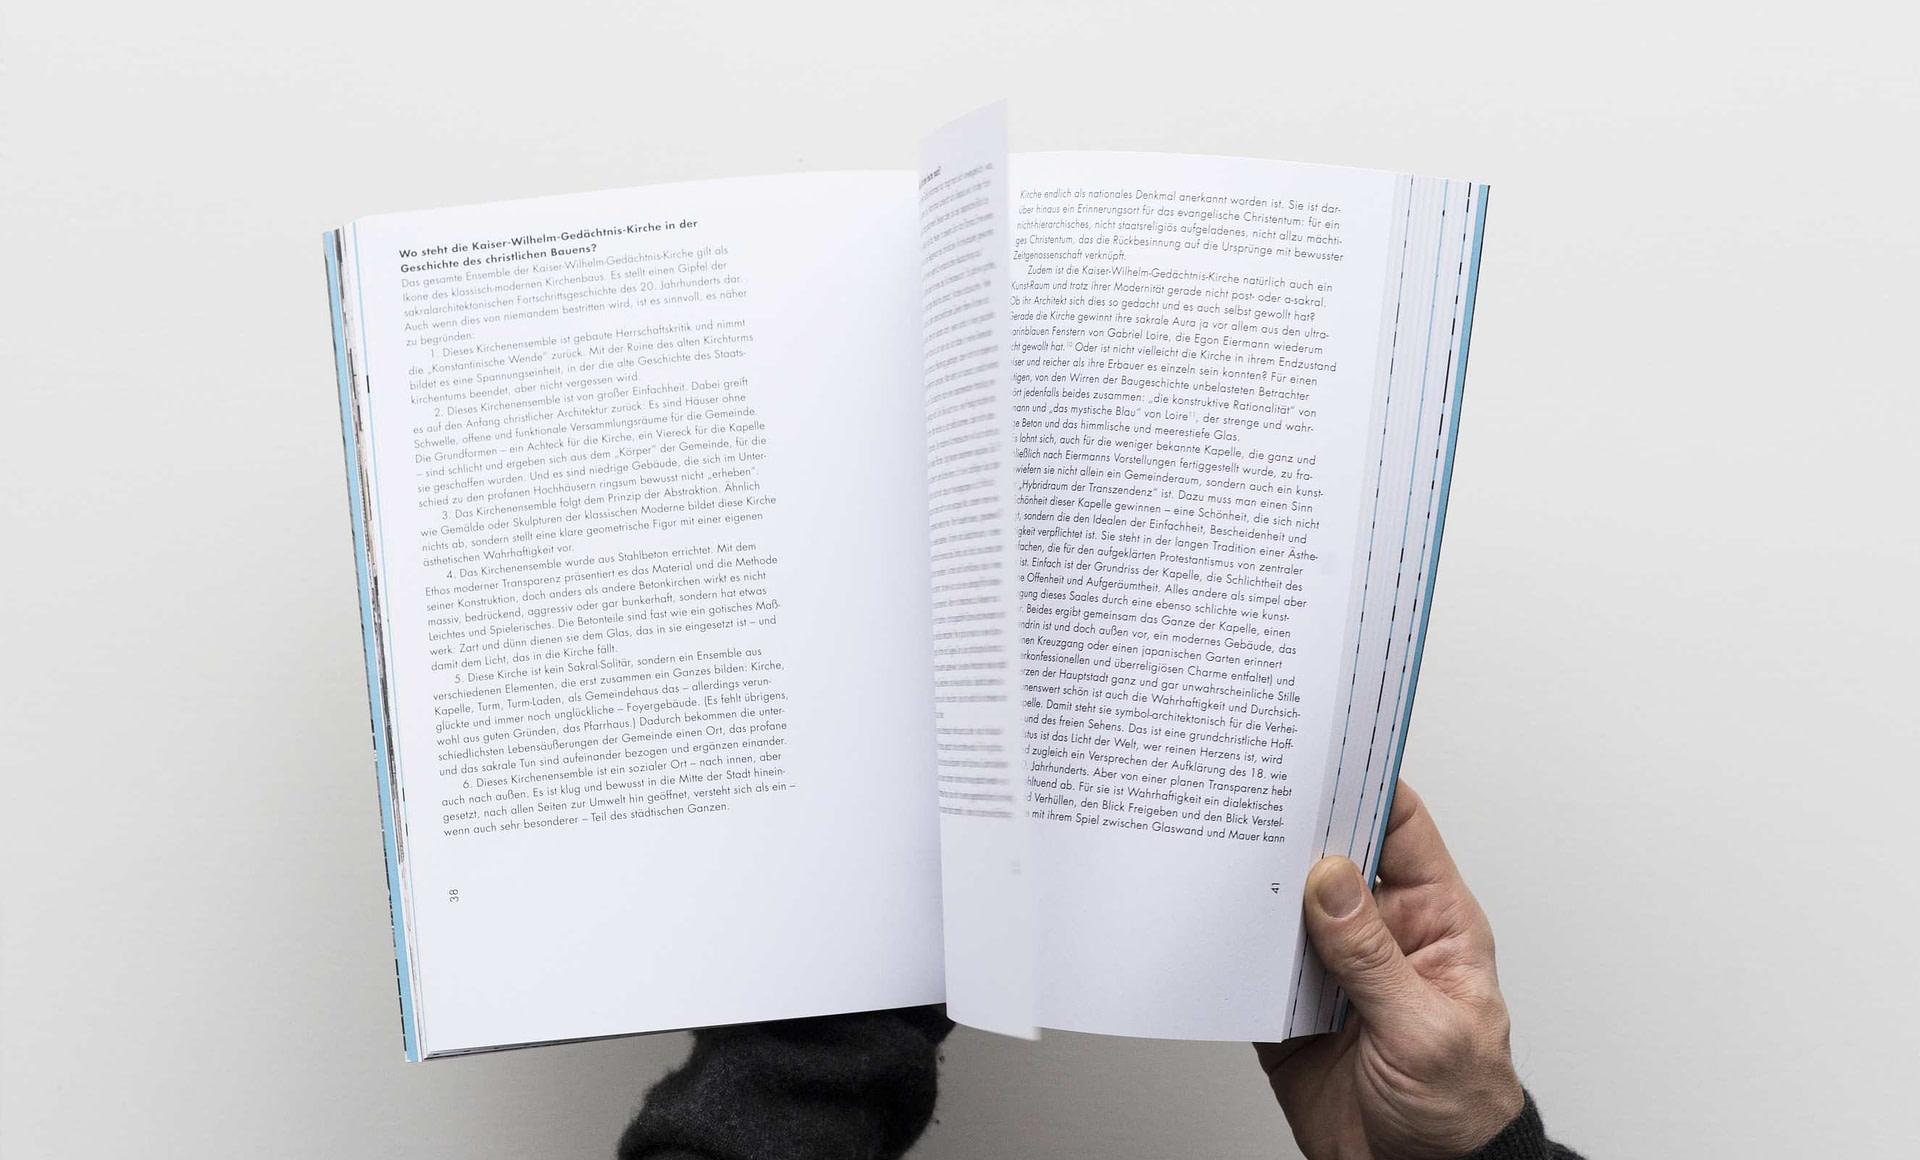 kaiser-wilhelm-memorial-church-book-8-2650x1600px